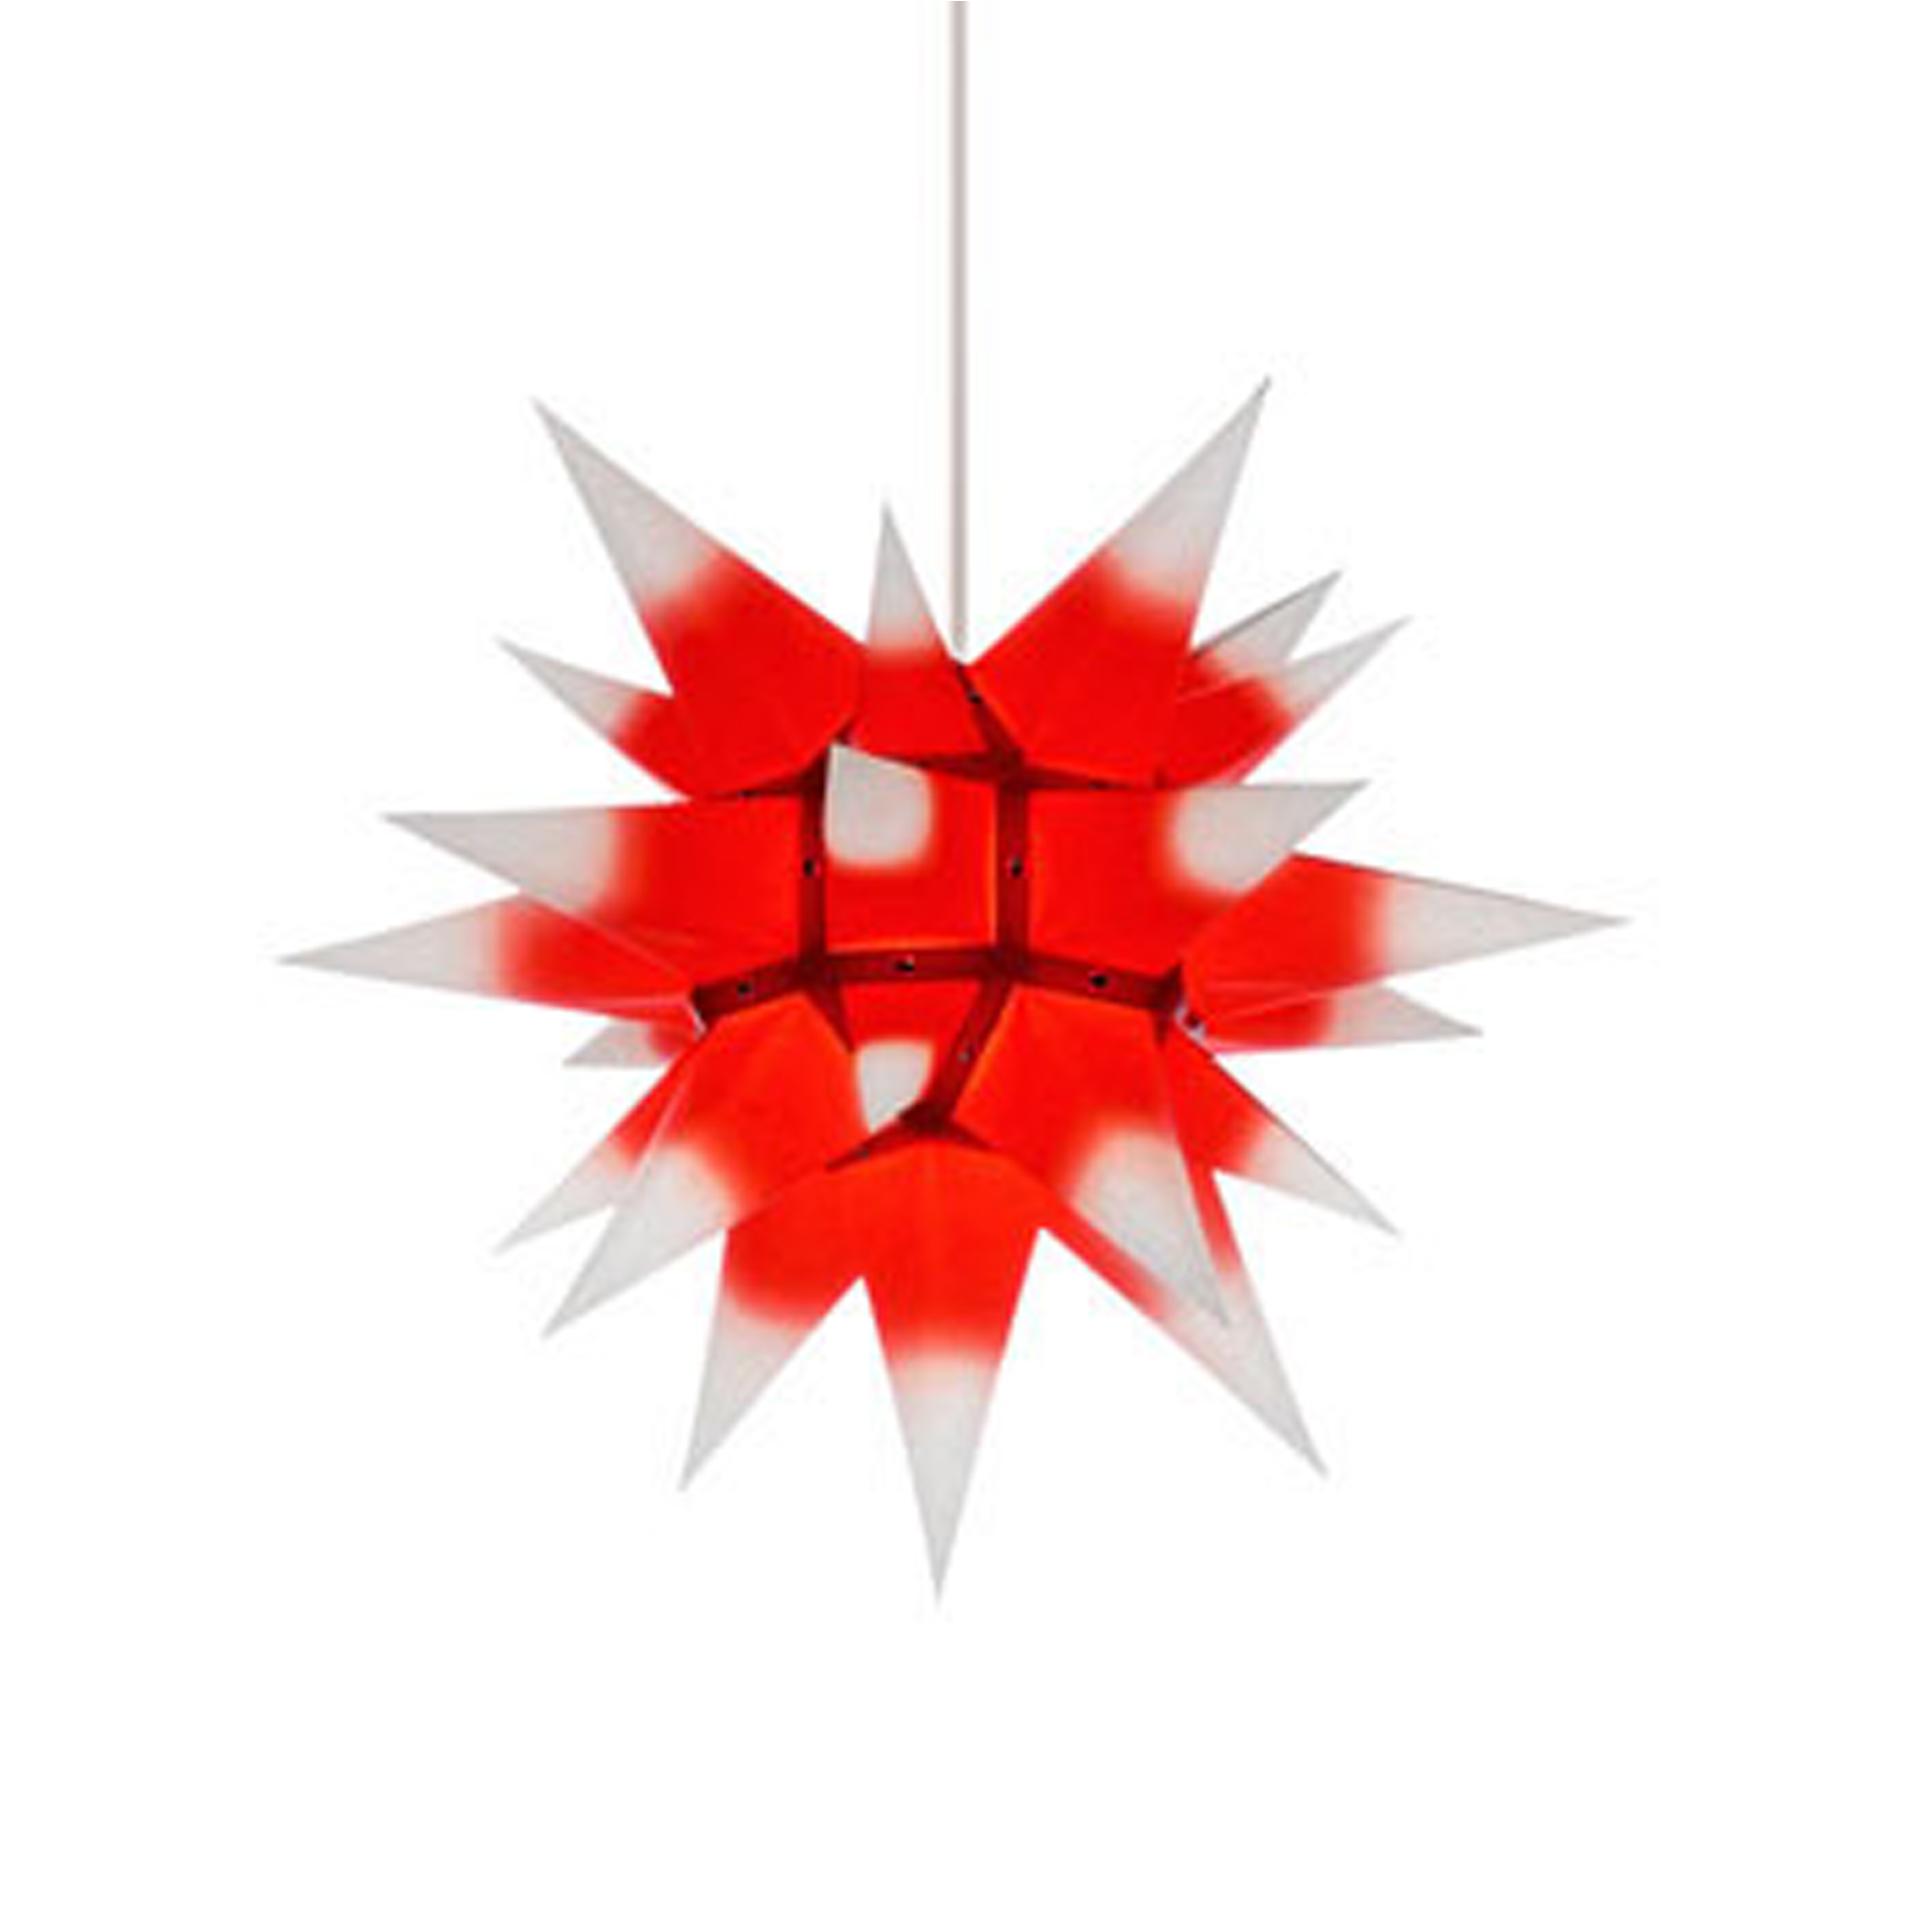 Herrnhuter Innenstern I4, weiß mit rotem Kern